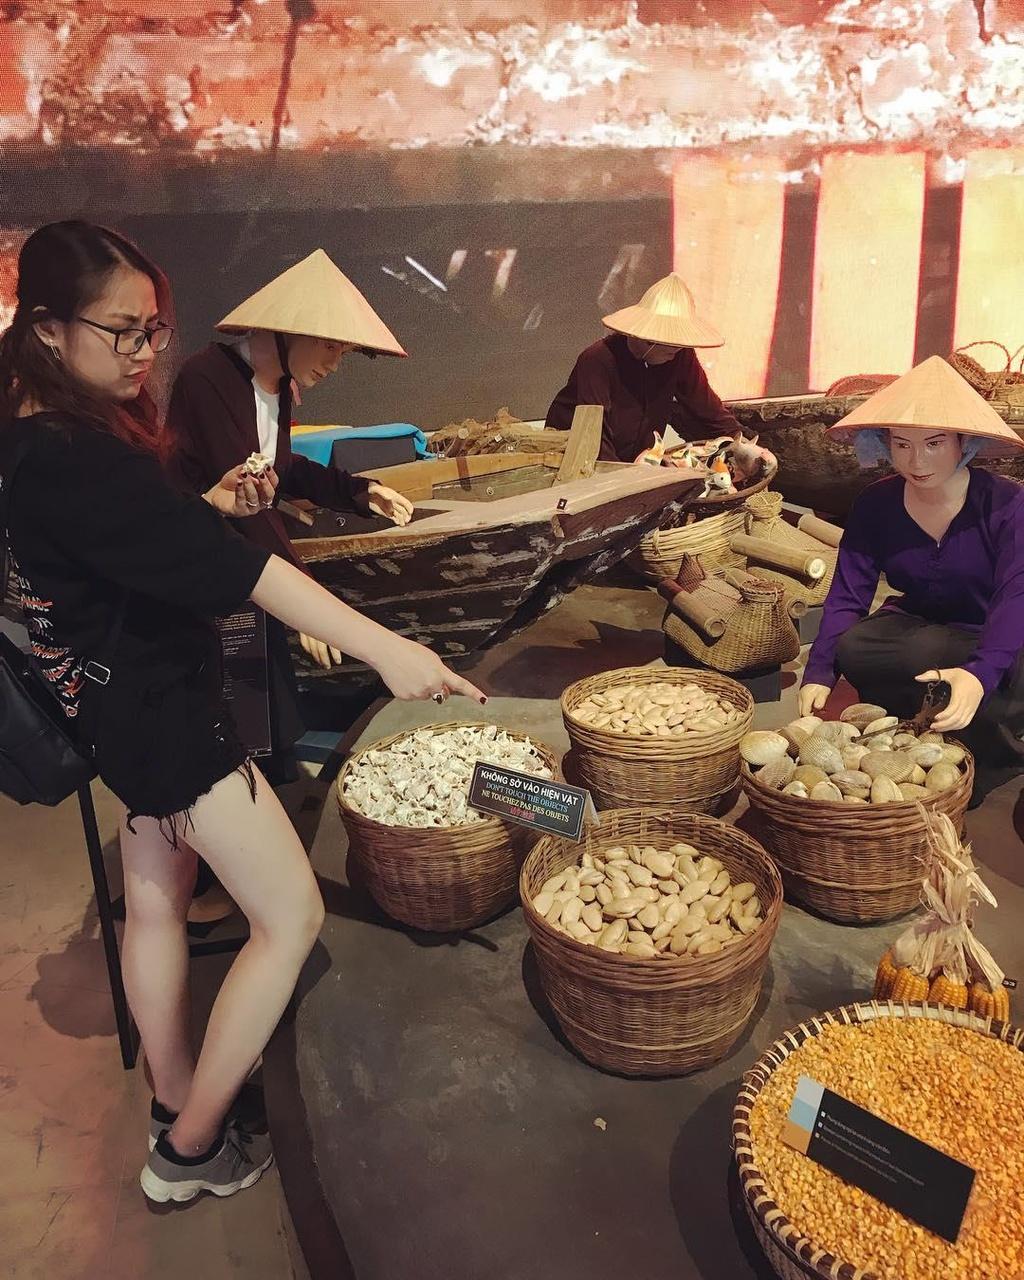 'Song Lung Khung Long' va cac noi dung vao la co anh dep o Quang Ninh hinh anh 23